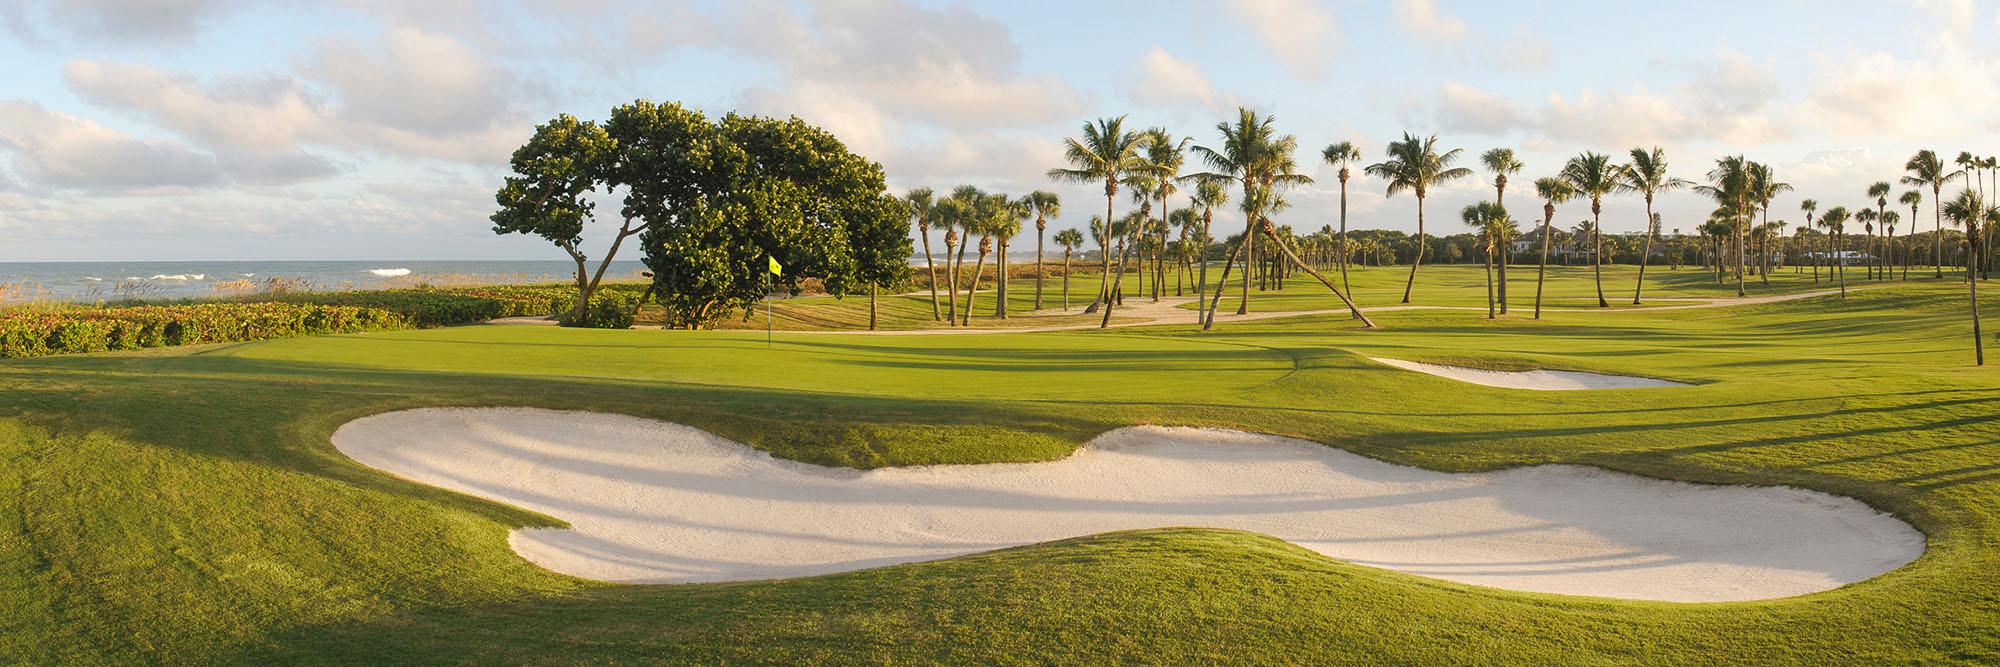 Golf Course Image - Riomar No. 6